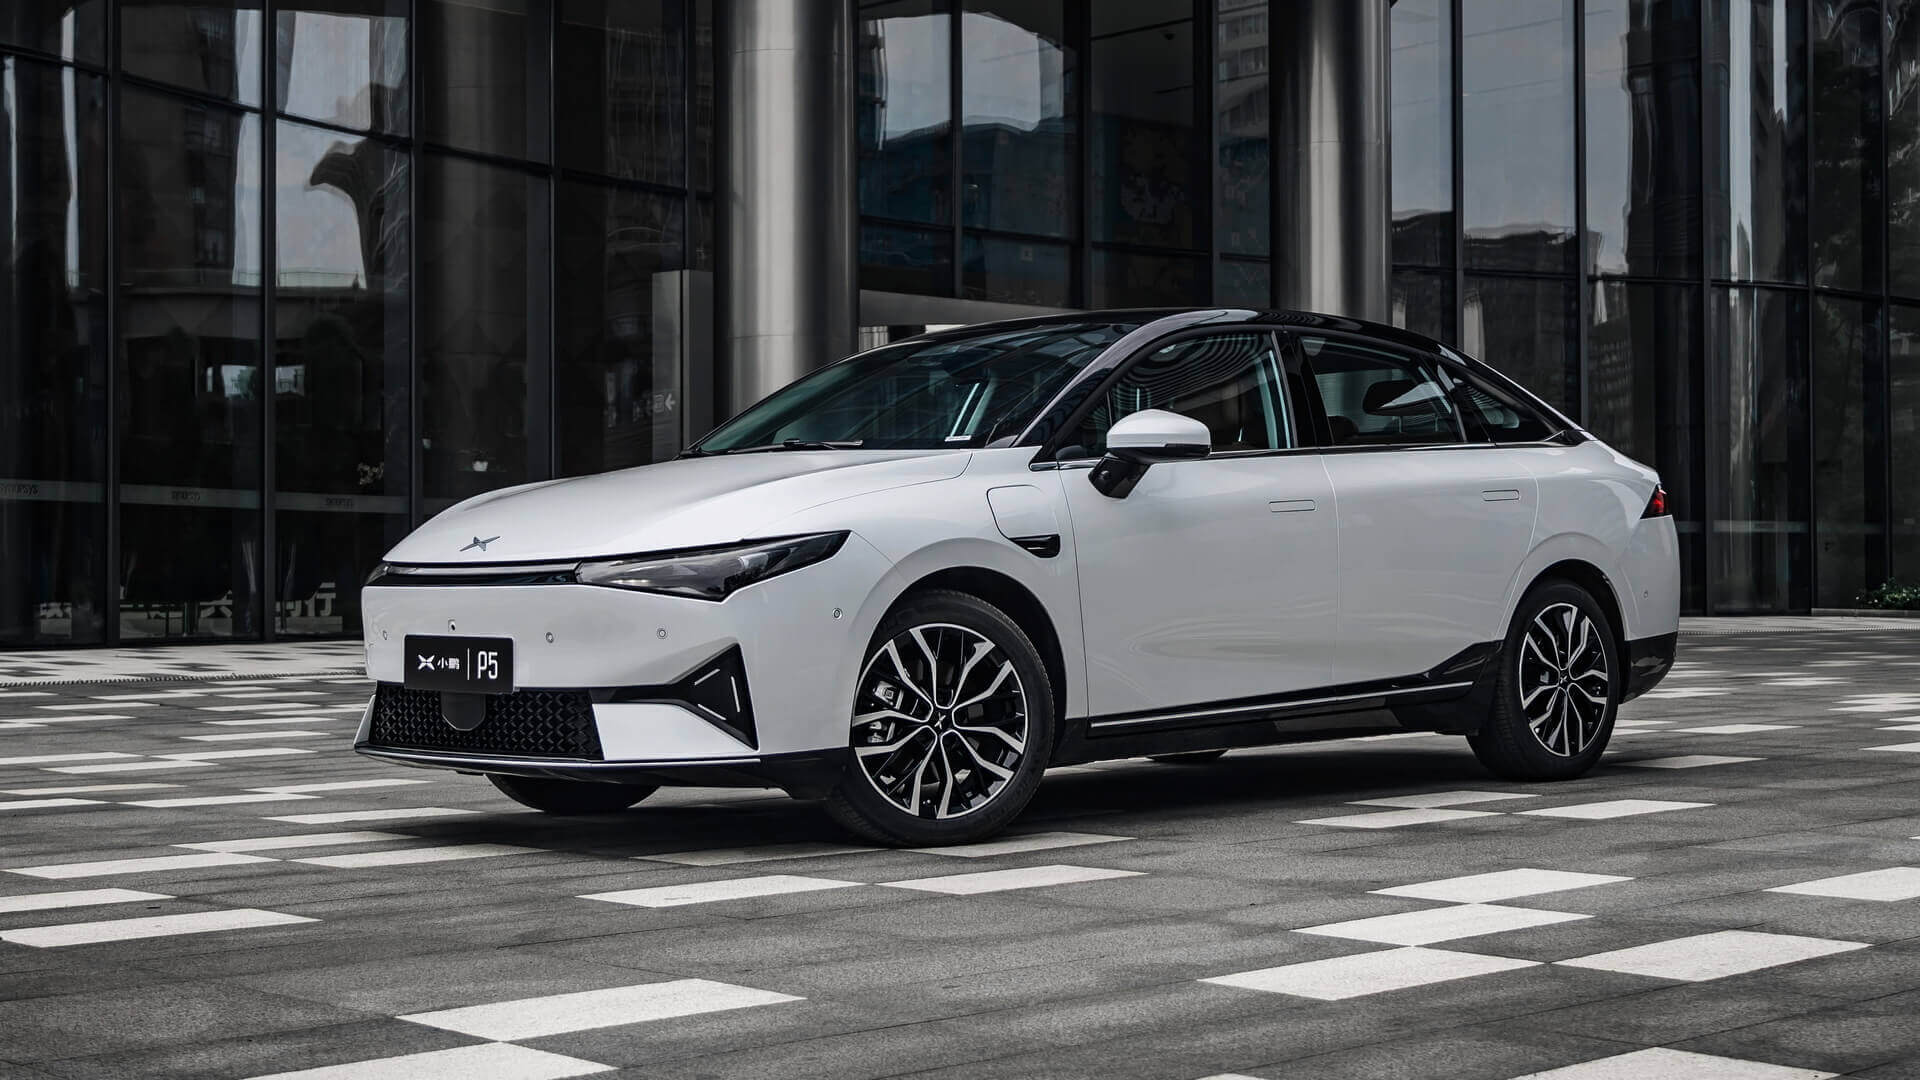 Китайский производитель электромобилей Xpeng оценил свой новый седан в $24 650